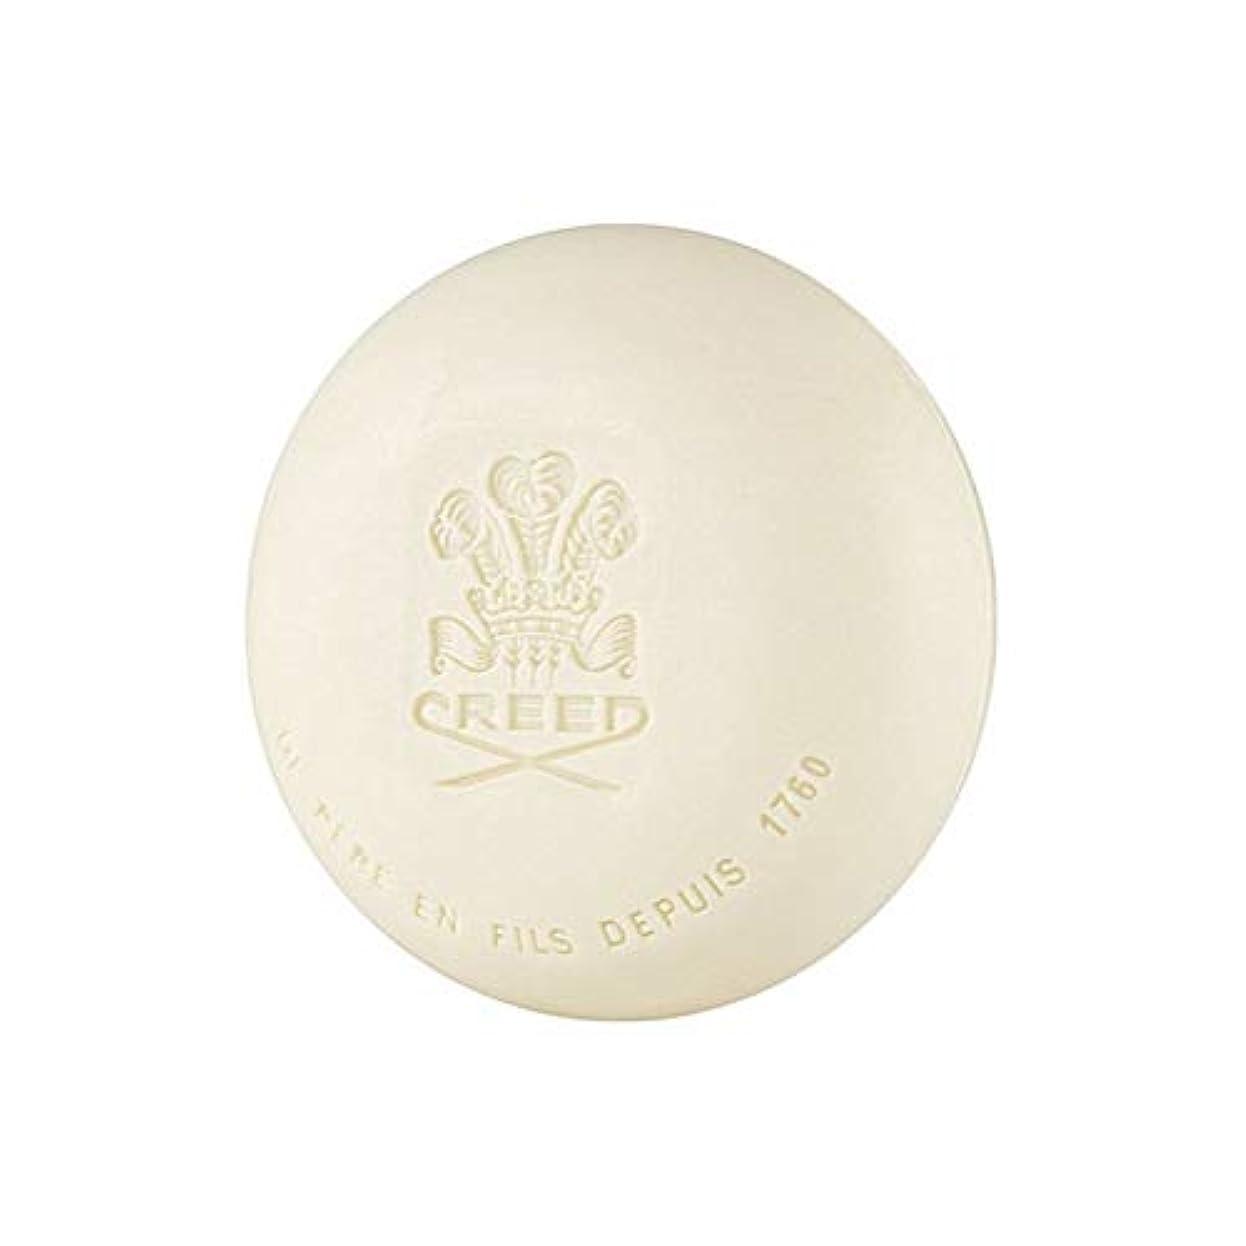 胚芽返済ウェイター[Creed ] 信条グリーンアイリッシュツイード石鹸150グラム - Creed Green Irish Tweed Soap 150G [並行輸入品]